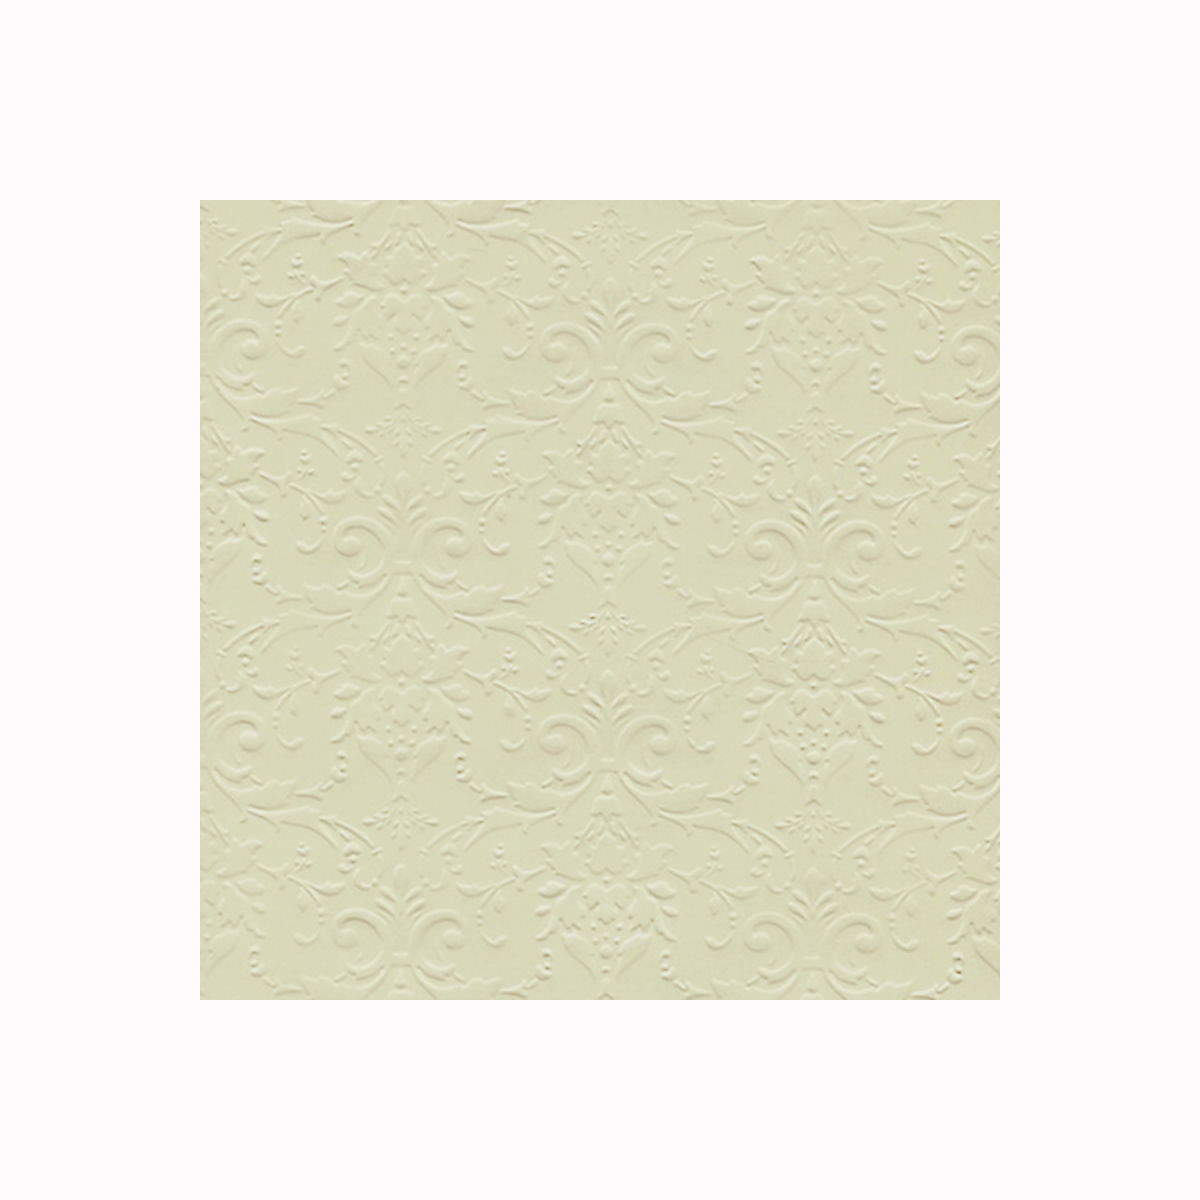 Бумага фактурная Лоза Дамасский узор, цвет: светло-зеленый, 3 листа582975_БР003-7 светло-зеленыйФактурная бумага для скрапбукинга Лоза Дамасский узор позволит создать красивый альбом, фоторамку или открытку ручной работы, оформить подарок или аппликацию. Набор включает в себя 3 листа из плотной бумаги. Скрапбукинг - это хобби, которое способно приносить массу приятных эмоций не только человеку, который этим занимается, но и его близким, друзьям, родным. Это невероятно увлекательное занятие, которое поможет вам сохранить наиболее памятные и яркие моменты вашей жизни, а также интересно оформить интерьер дома.